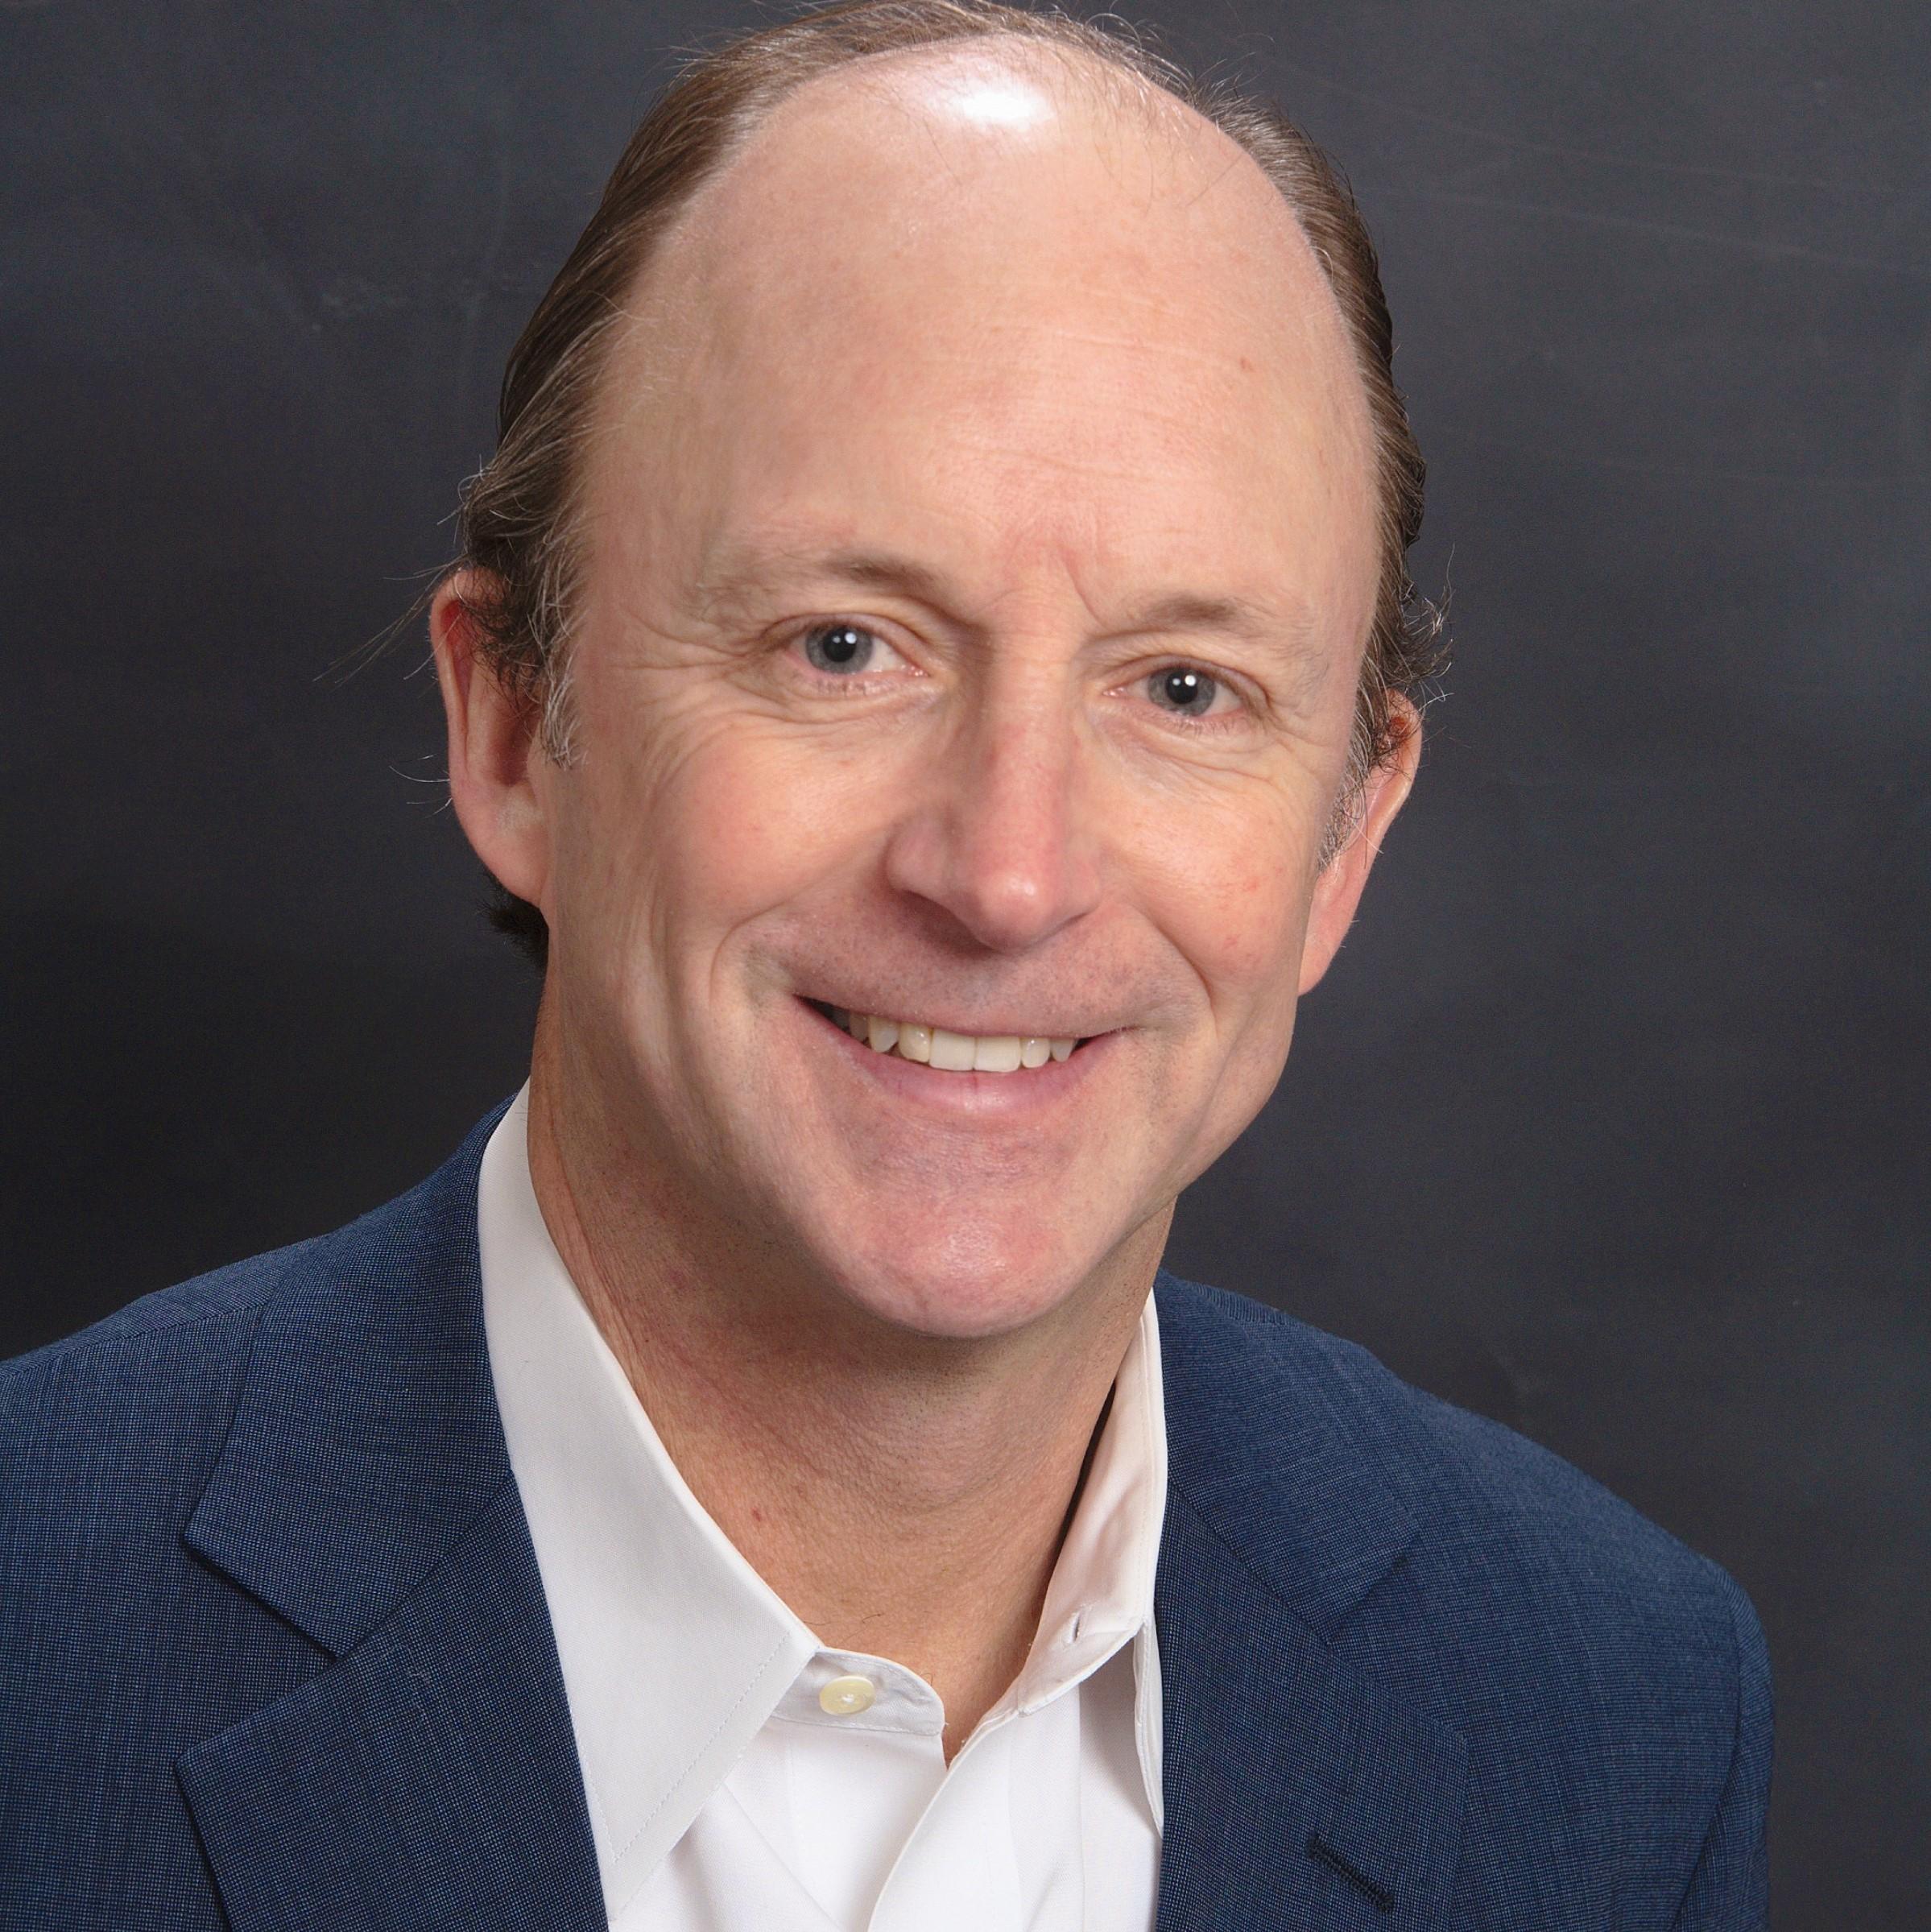 Ned Wasniewski, Managing Partner, Program Delivery and Management